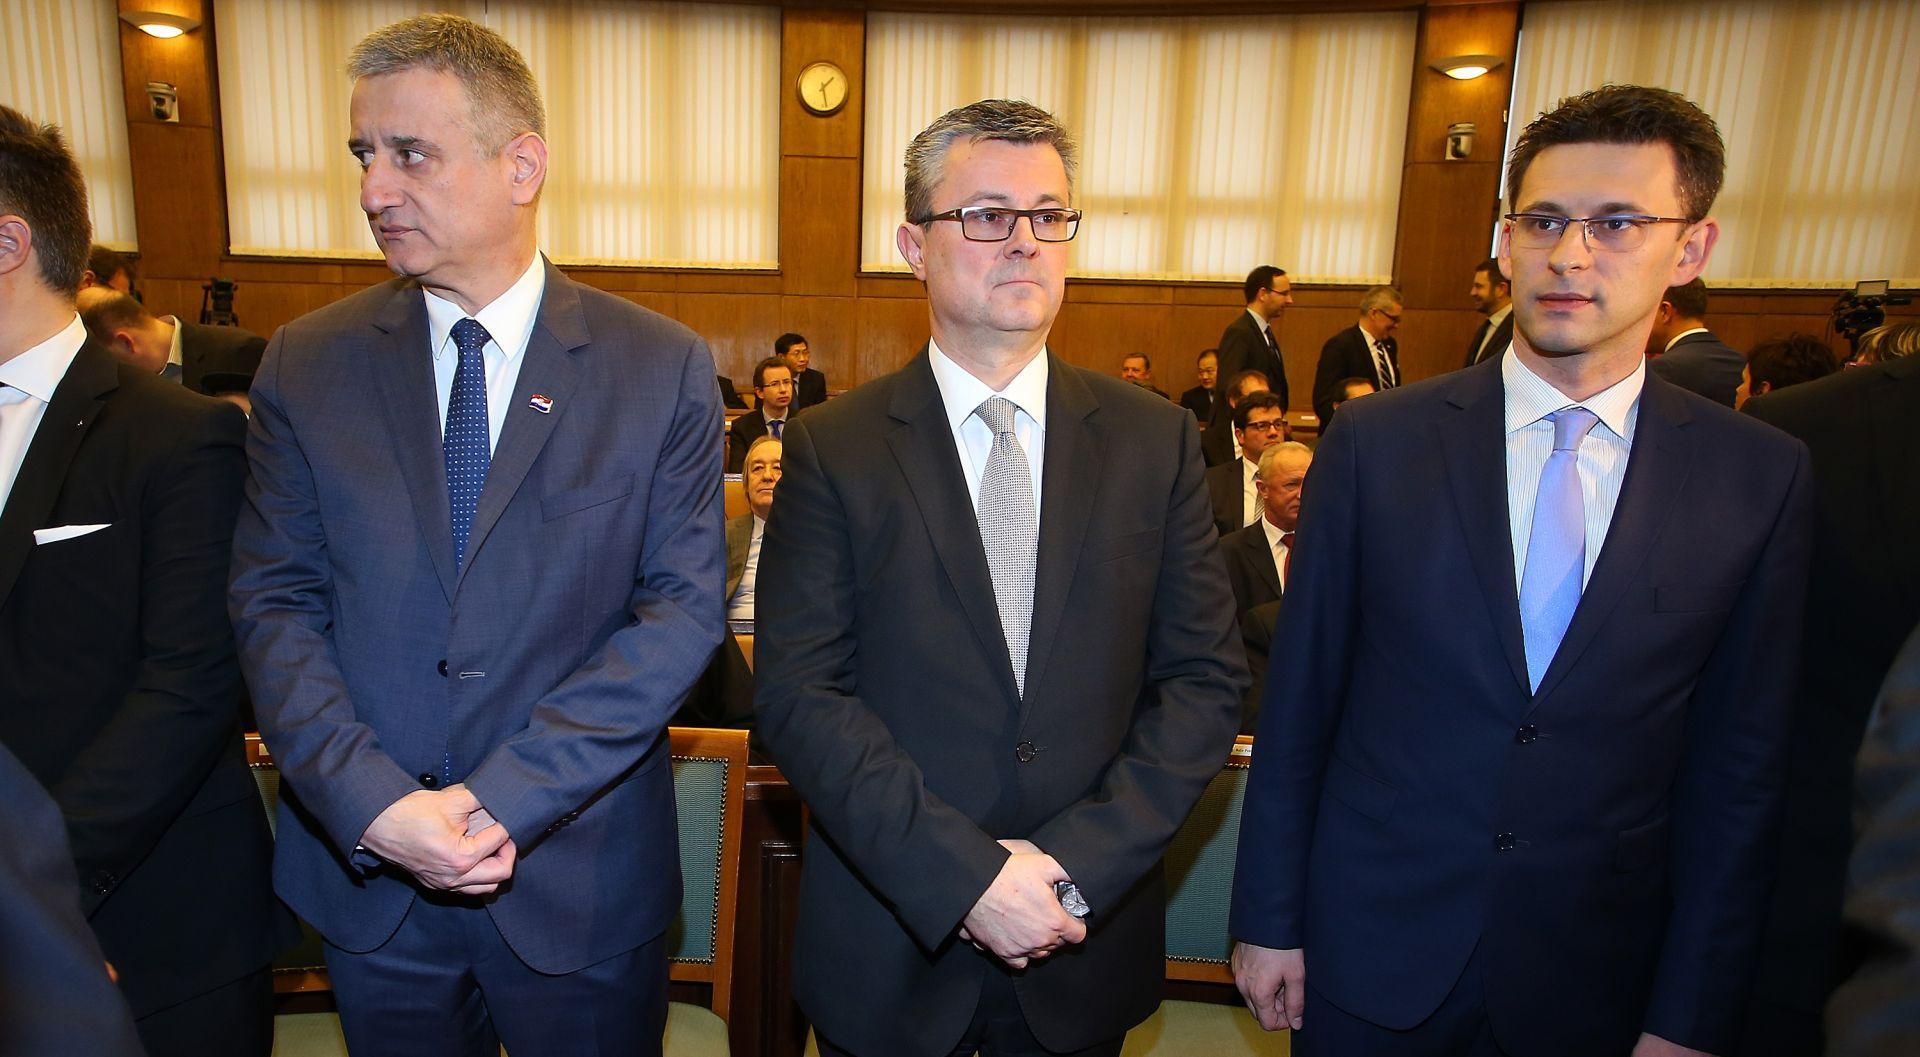 CRODEMOSKOP Pad podrške MOST-u treći mjesec zaredom, Domoljubna koalicija i dalje u blagoj prednosti